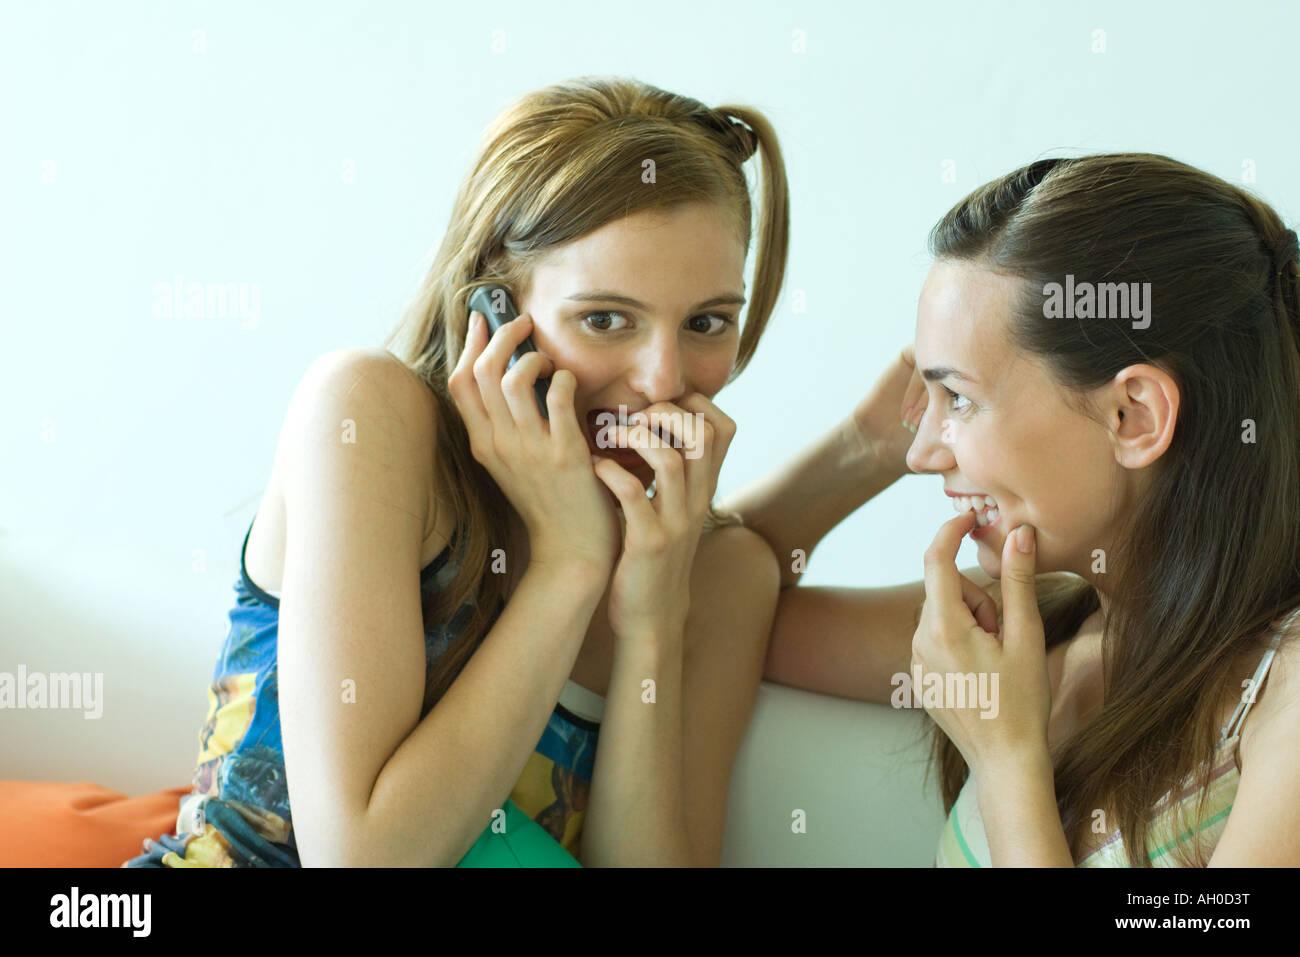 Deux jeunes amis siégeant ensemble, souriant, l'un à l'aide d'un téléphone cellulaire, Photo Stock